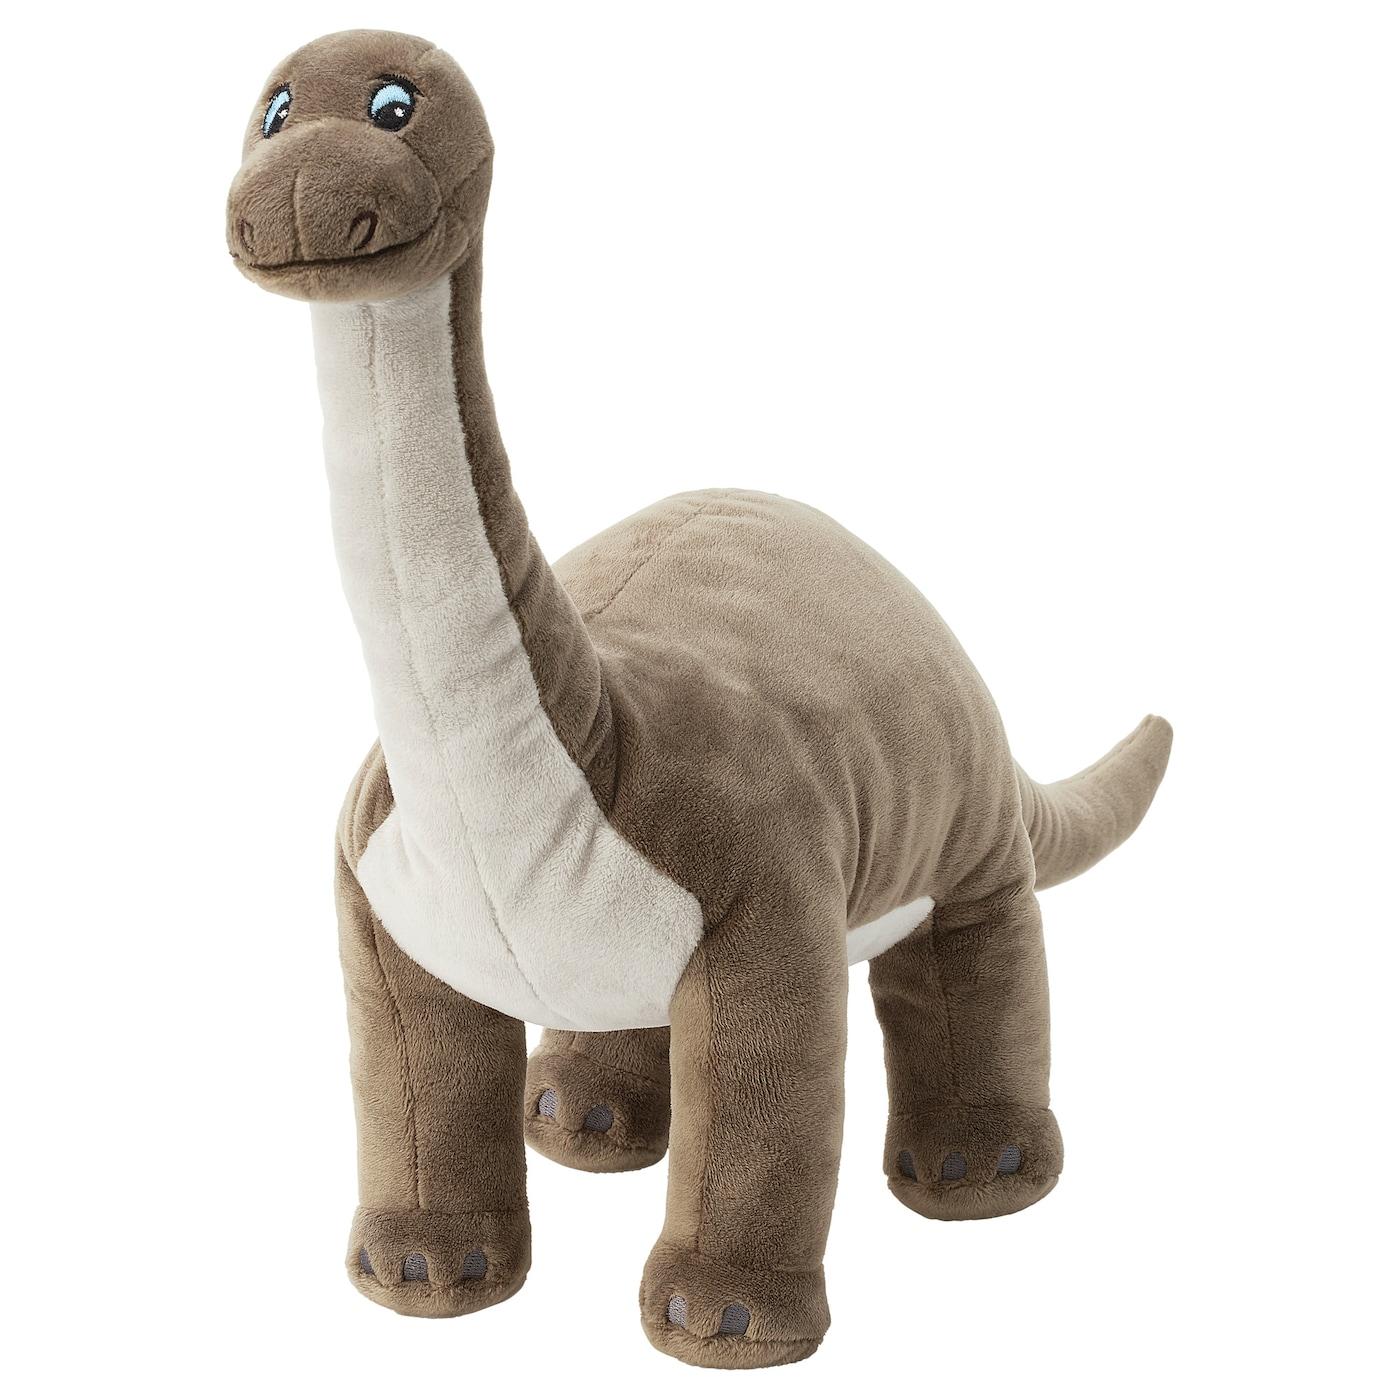 JÄTTELIK Stofftier - Dinosaurier/Dinosaurier/Brontosaurus 55 cm